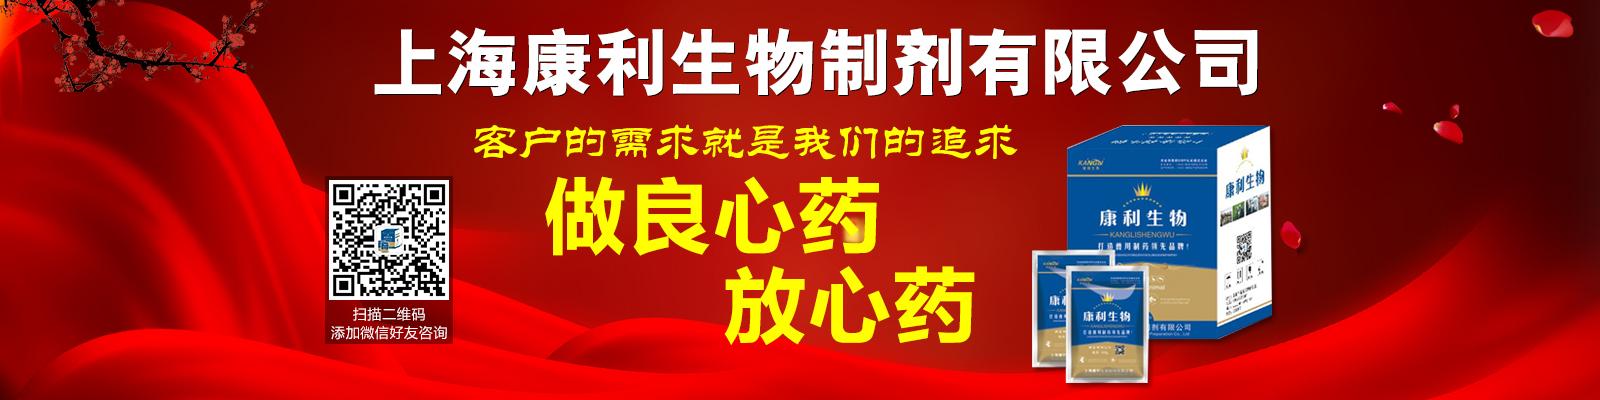 上海康利生物制剂有限公司